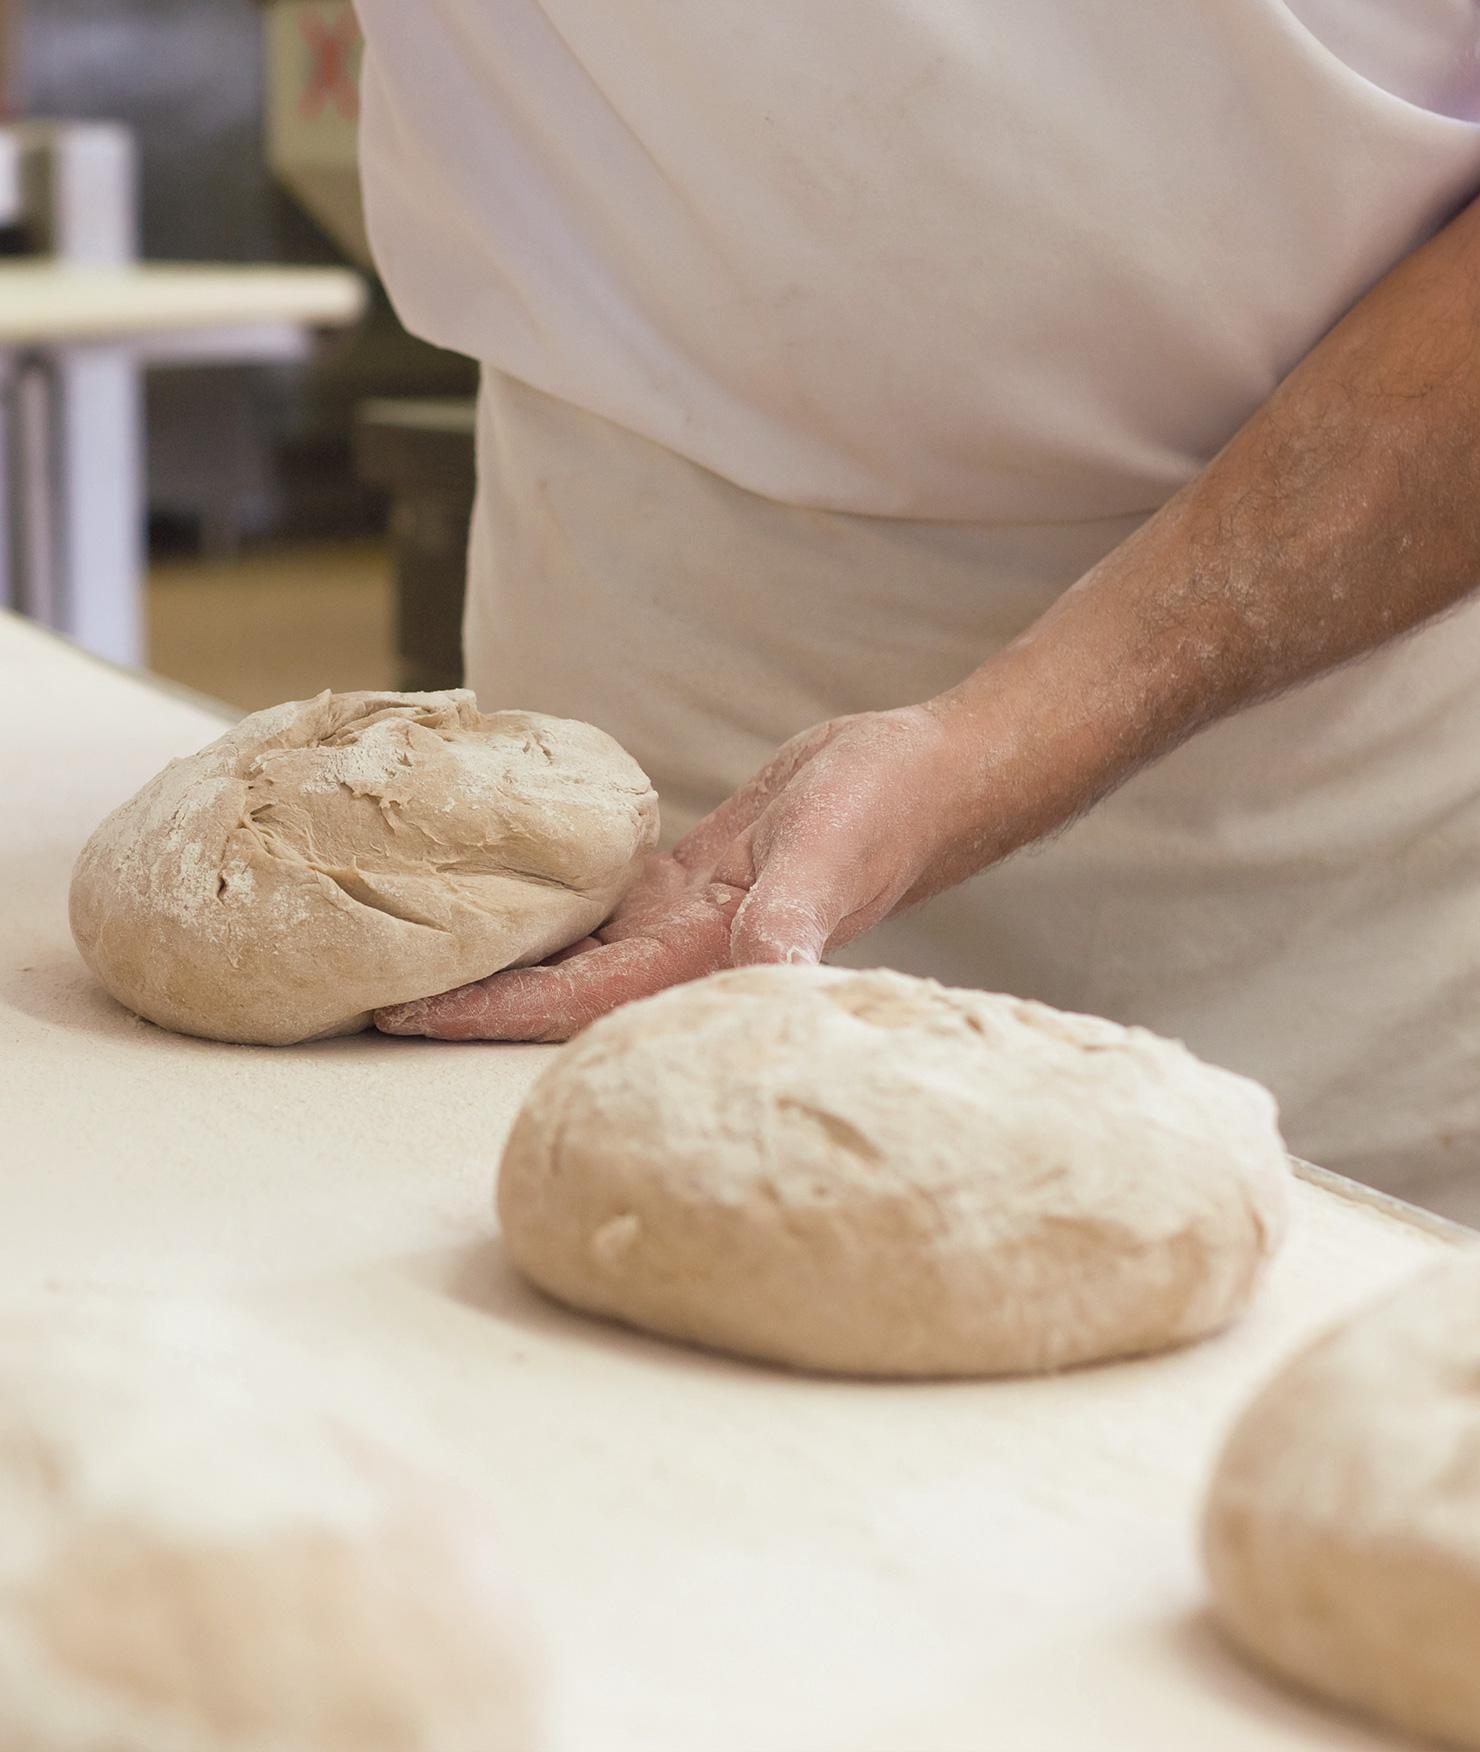 BRITA PURITY Steam piekarnia pieczenie chleba